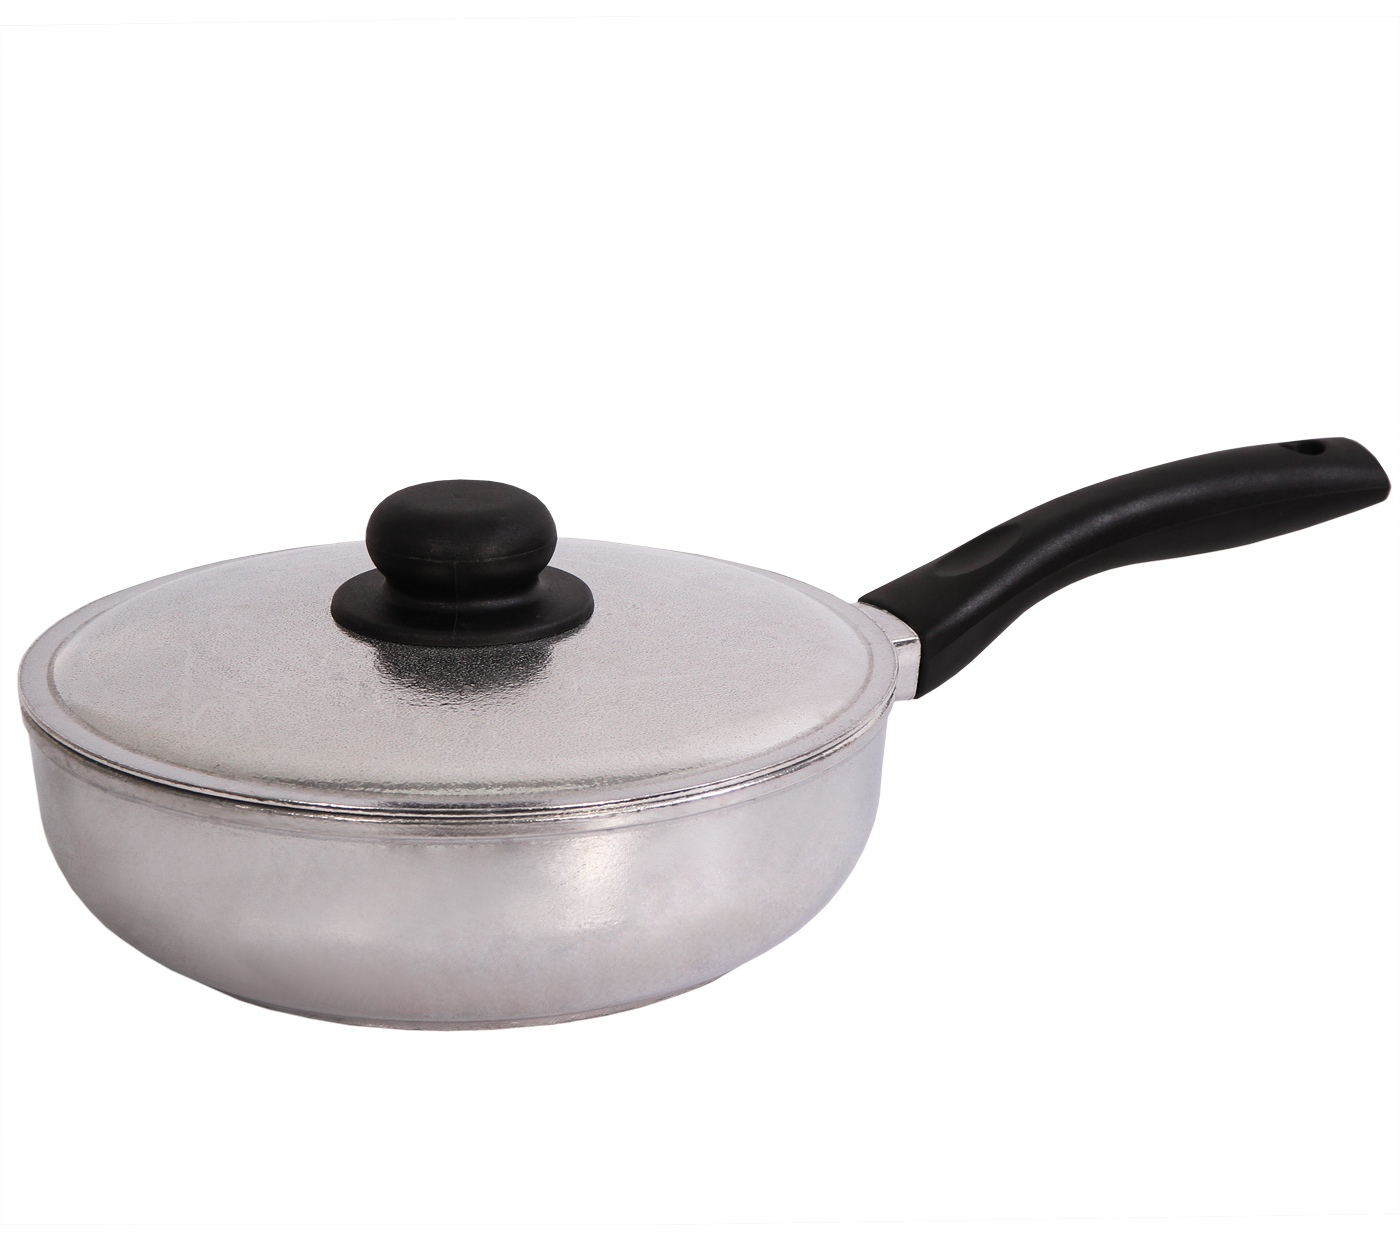 Сковорода Биол с крышкой. Диаметр 26 см. 2609К68/5/4Сковорода Биол выполнена из литого алюминия с утолщенным дном. Изделие оснащено удобной бакелитовой ручкой и крышкой. Посуда равномерно распределяет тепло и обладает высокой устойчивостью к деформации, легкая и практичная в эксплуатации. Подходит для использования на электрических, газовых и стеклокерамических плитах. Не подходит для индукционных плит. Можно мыть в посудомоечной машине.Диаметр сковороды (по верхнему краю): 26 см. Высота стенки сковороды: 8 см. Длина ручки: 17,5 см.